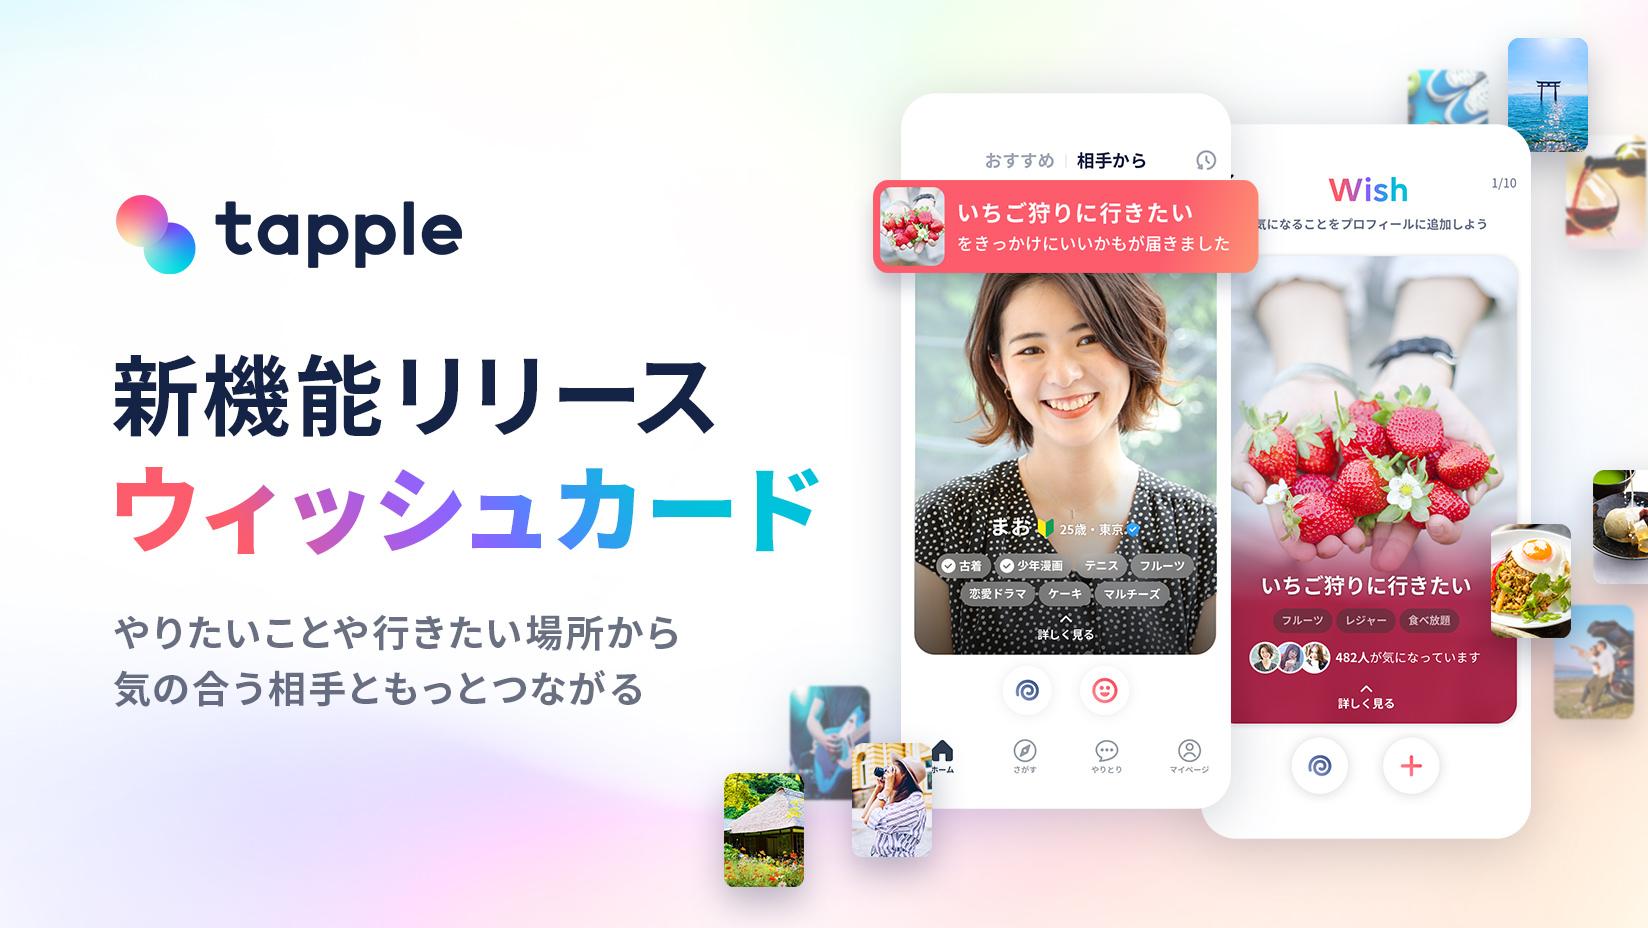 マッチングアプリ「タップル」やりたいことや行きたい場所でつながることができる「ウィッシュカード機能」の提供を開始